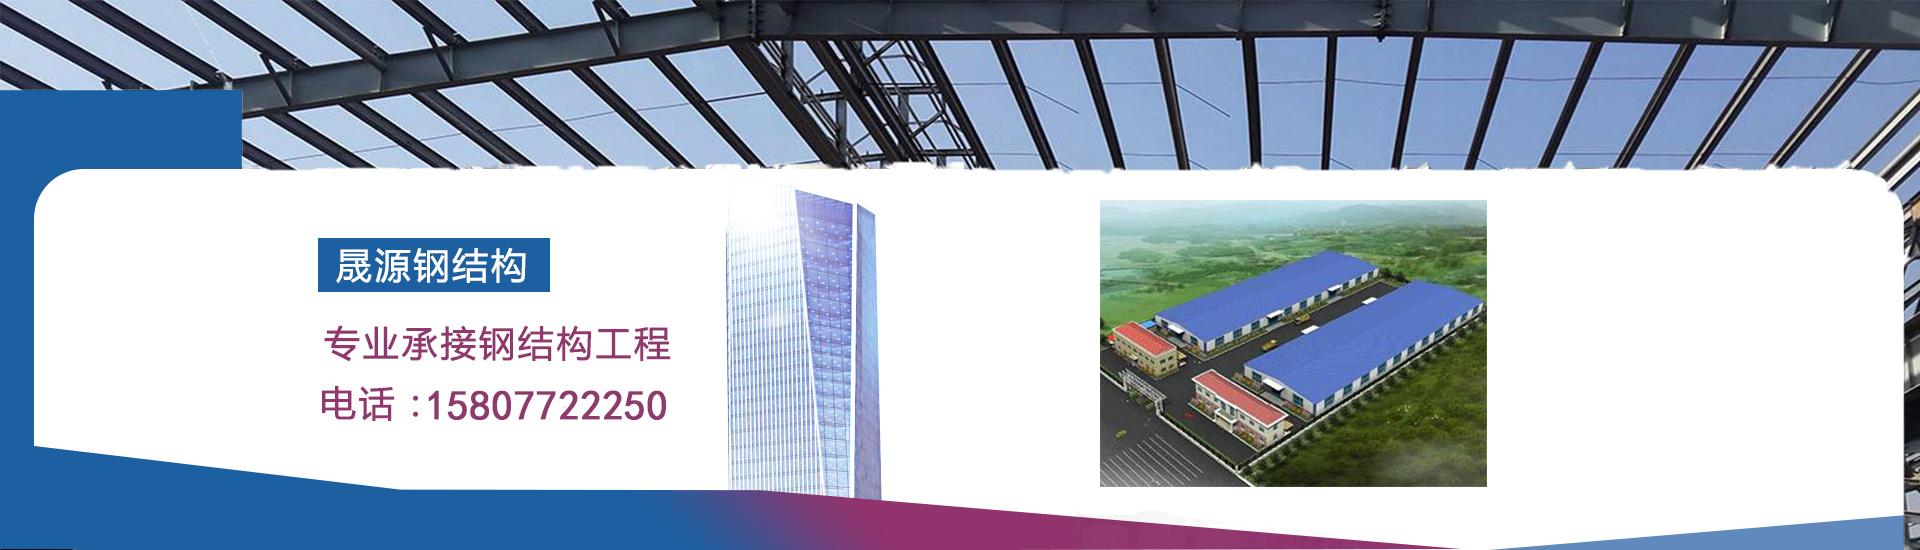 柳州钢结构